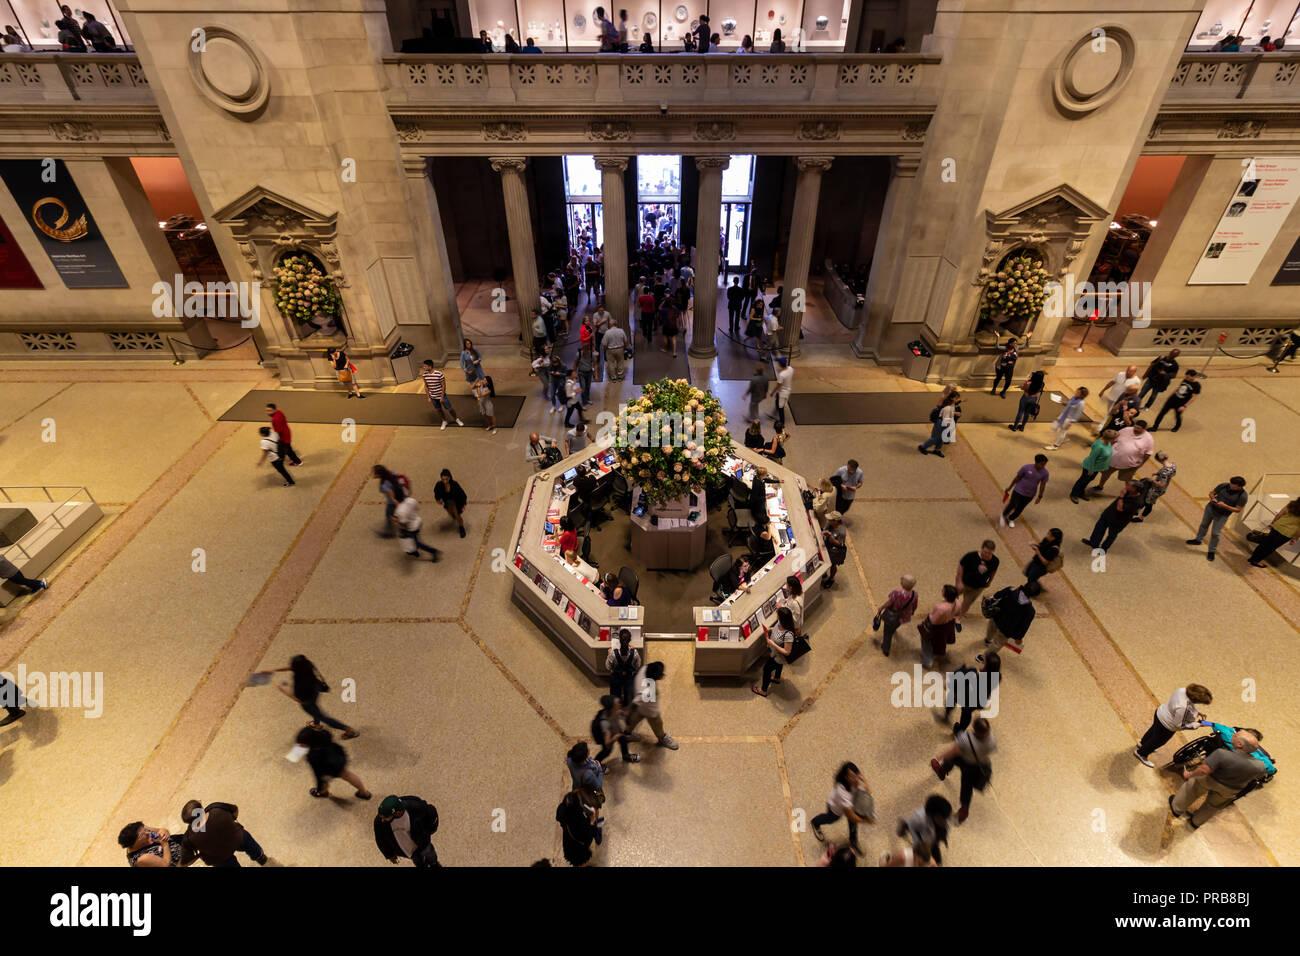 La ville de New York, USA - 8 octobre, 2017: Vue intérieure du Metropolitan Museum of Art de New York. Banque D'Images